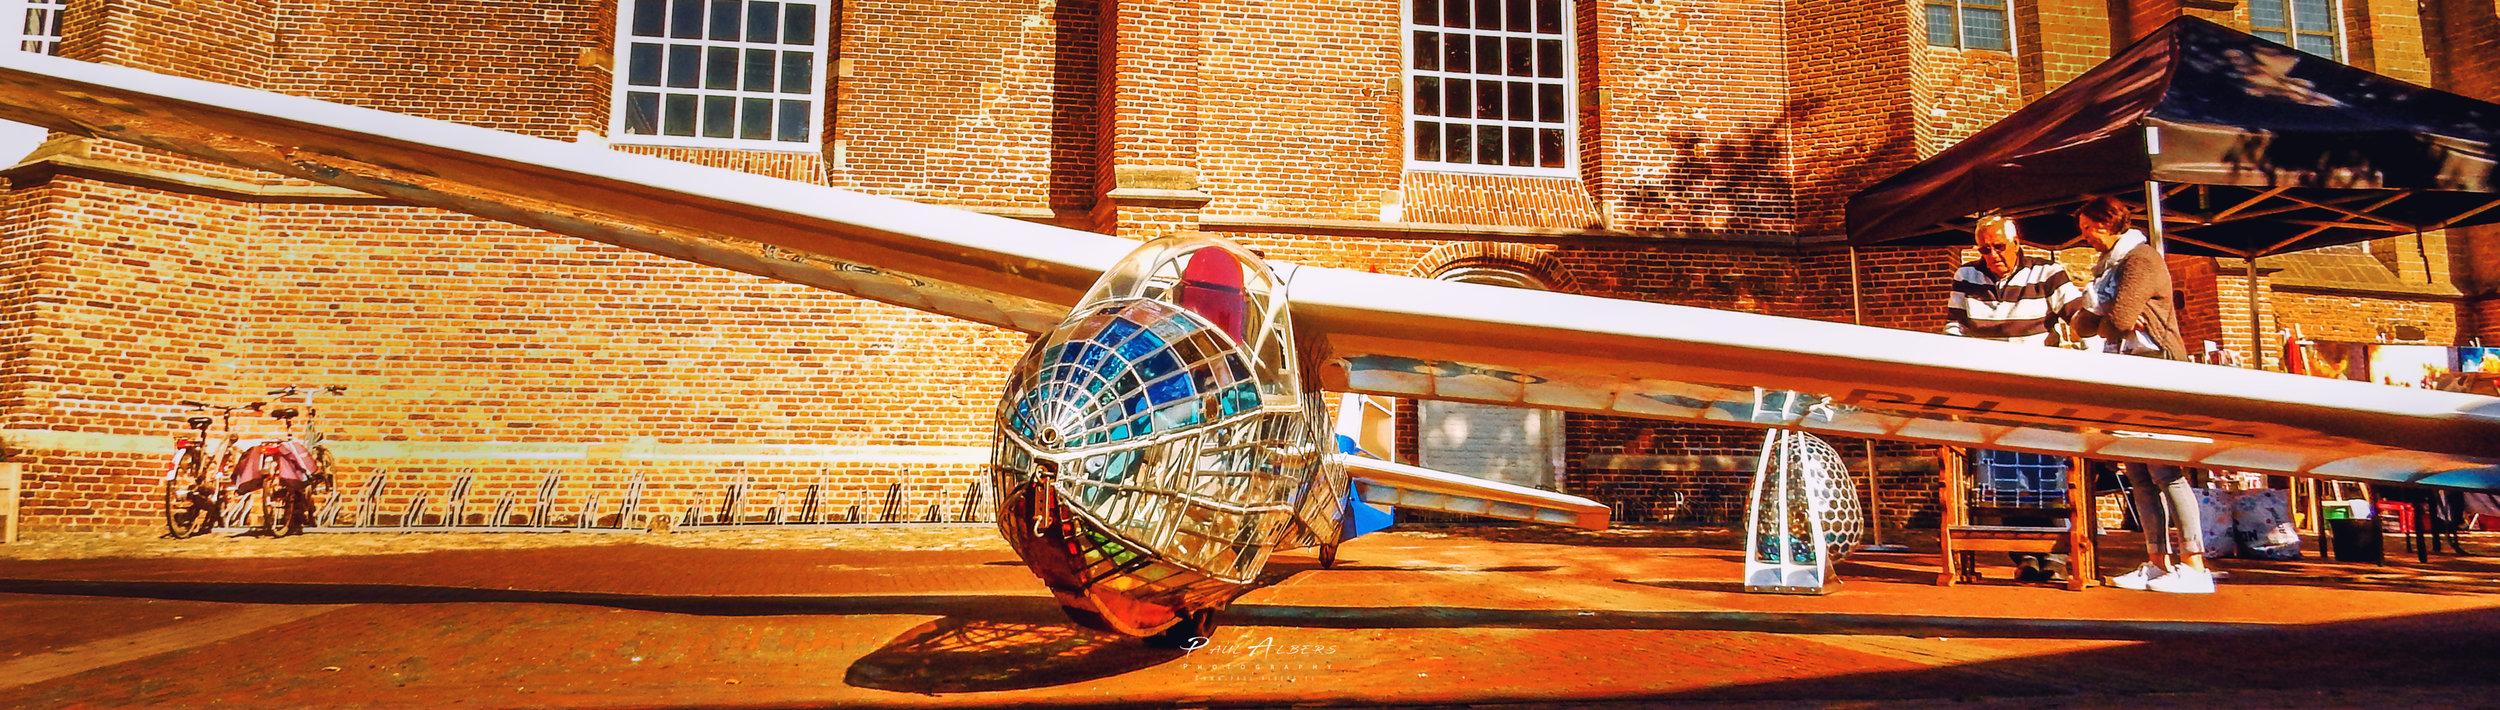 Ton Beumer, de eigenaar en kunstenaar van het zweefvliegtuig